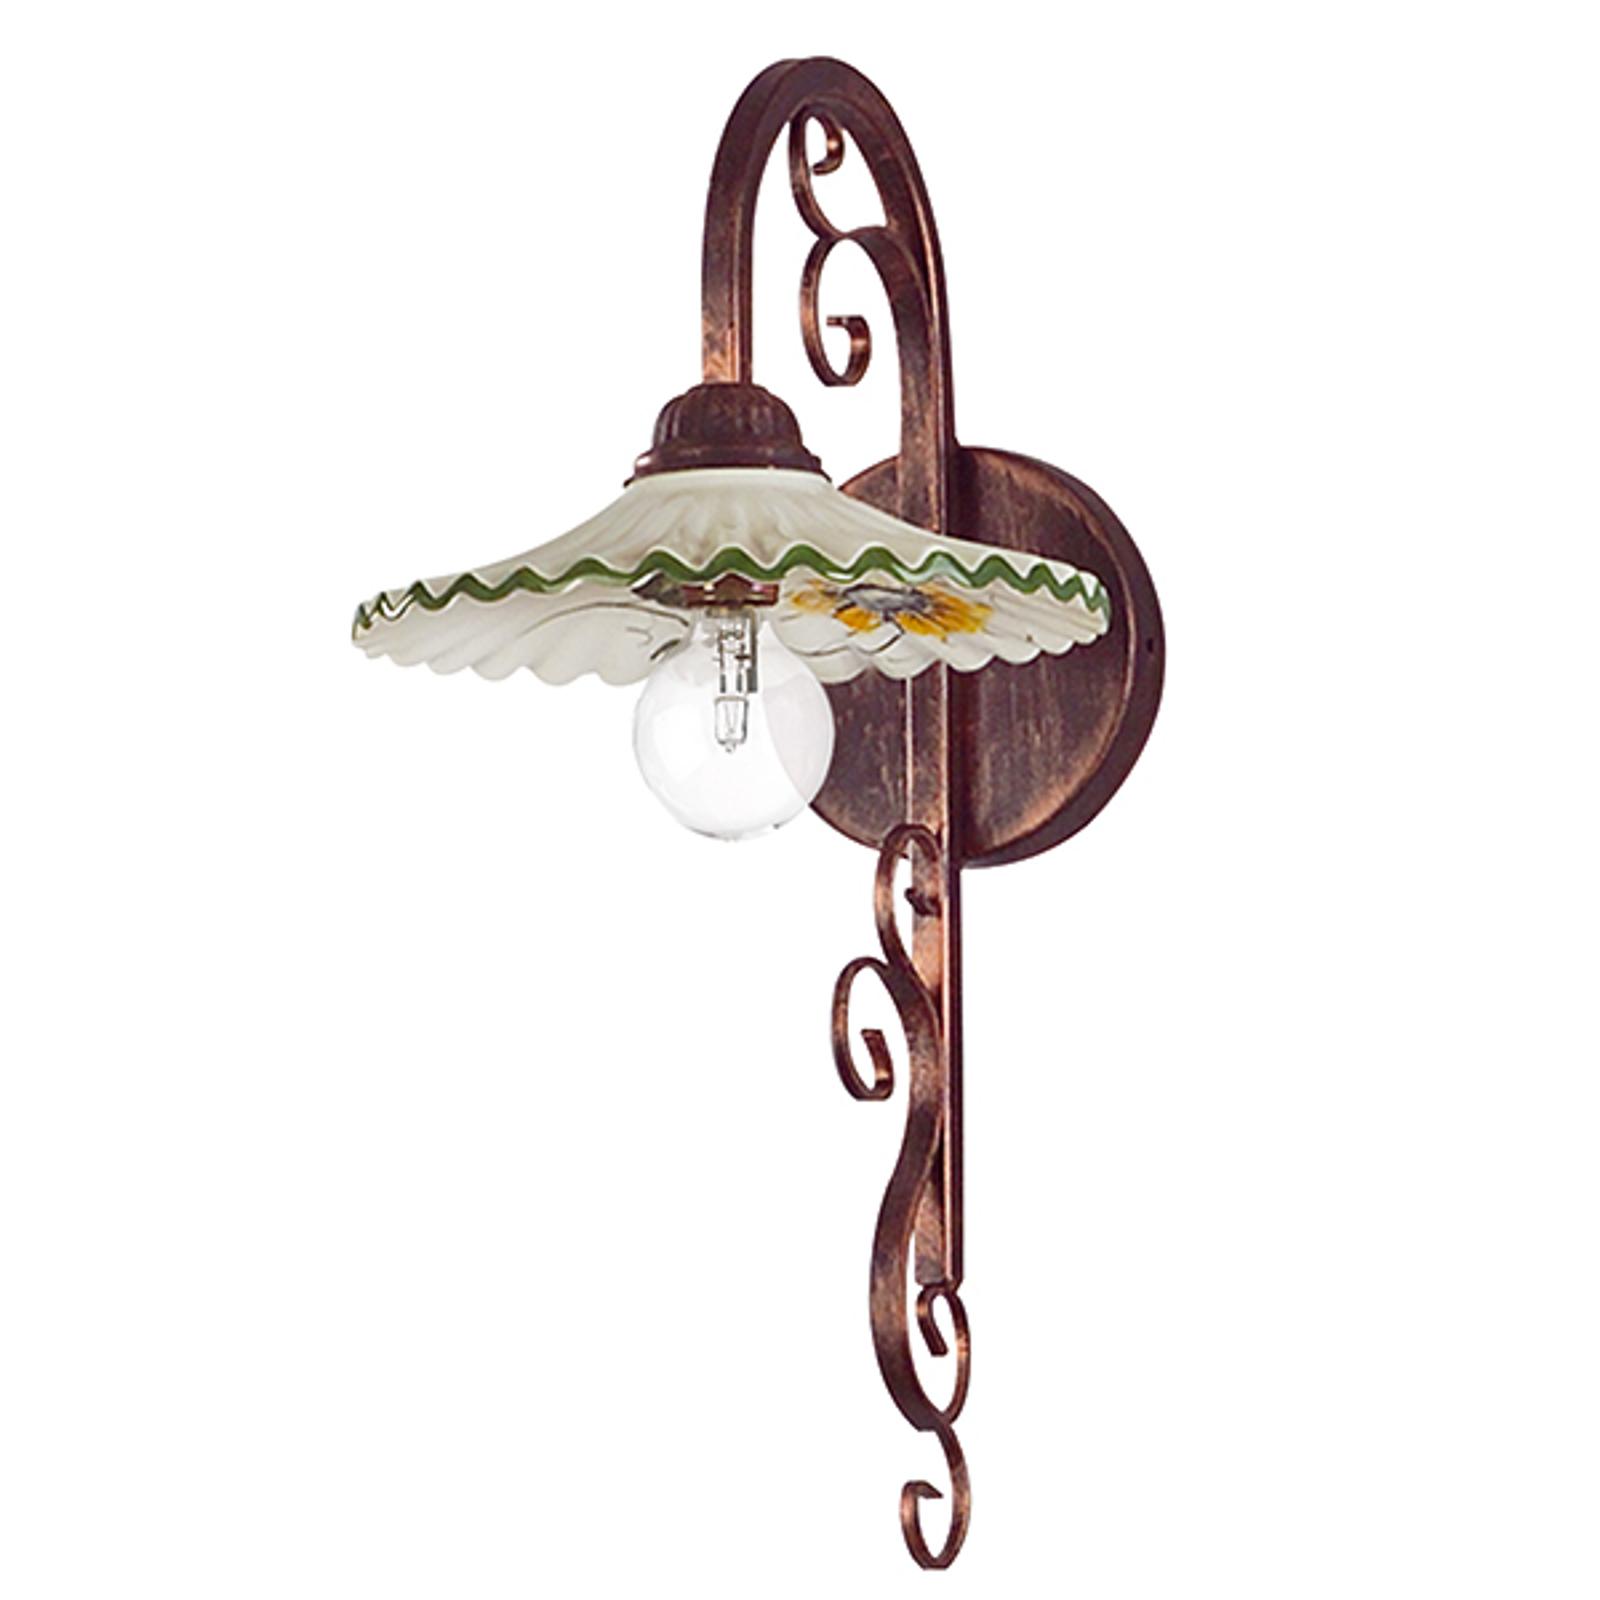 Vägglampa Rusticana - stomme koppar